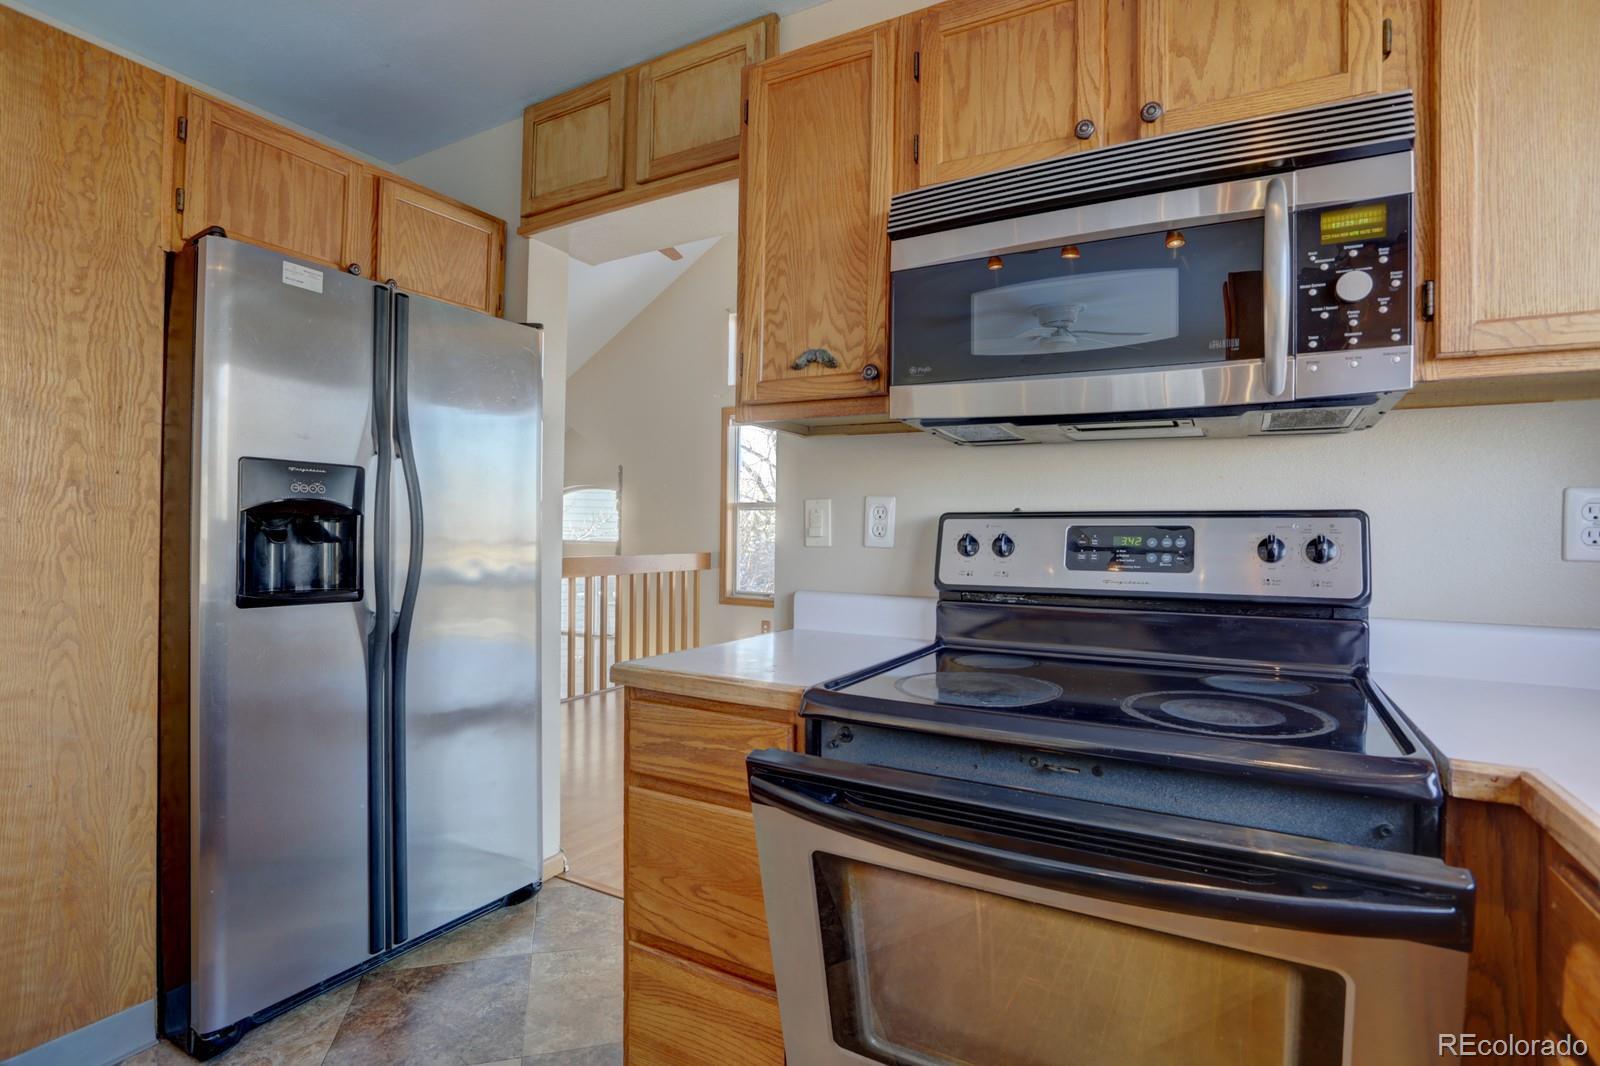 MLS# 5345837 - 7 - 5740 Slick Rock Court, Boulder, CO 80301